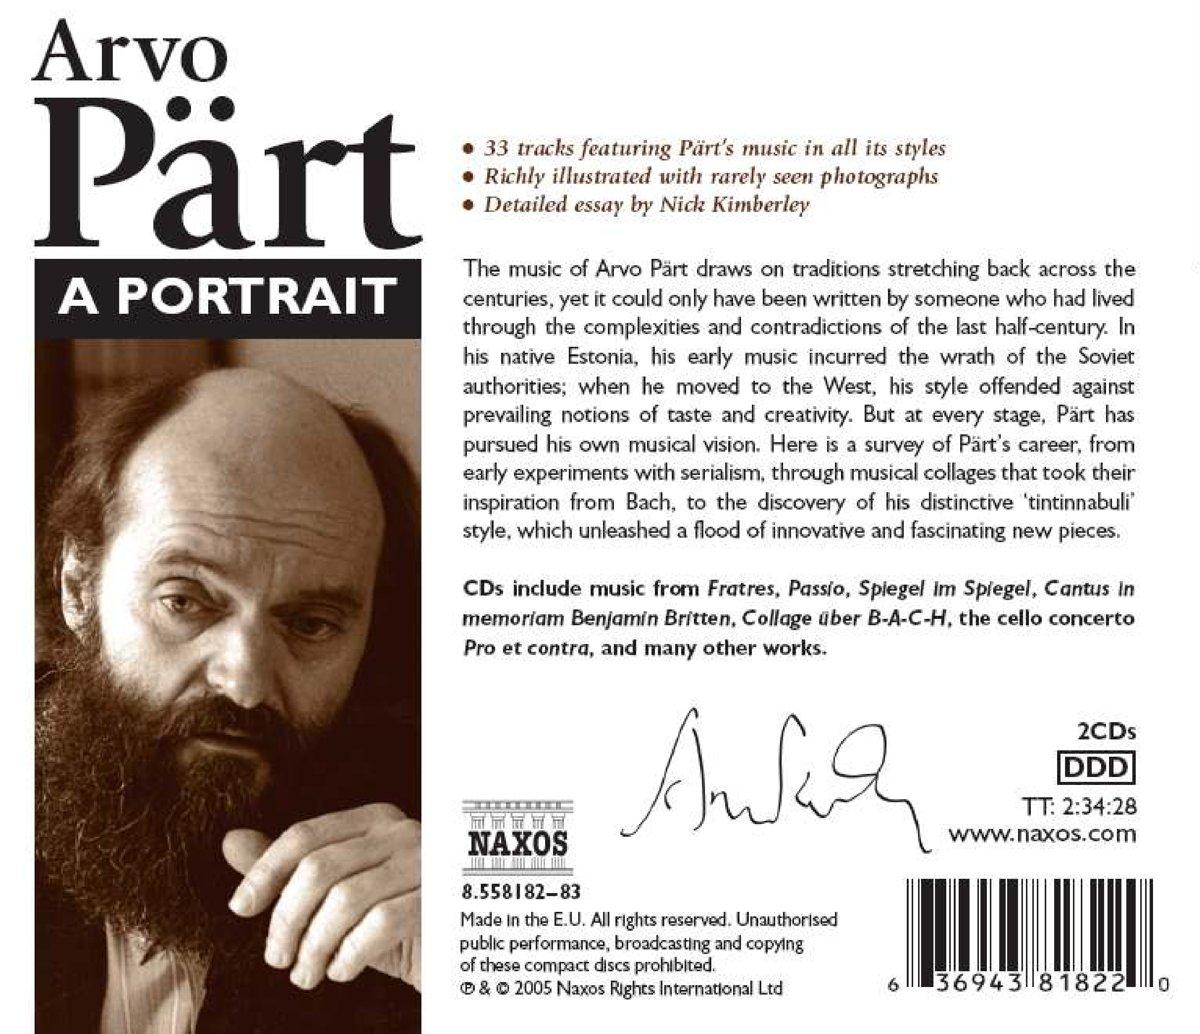 Arvo Part: A Portrait